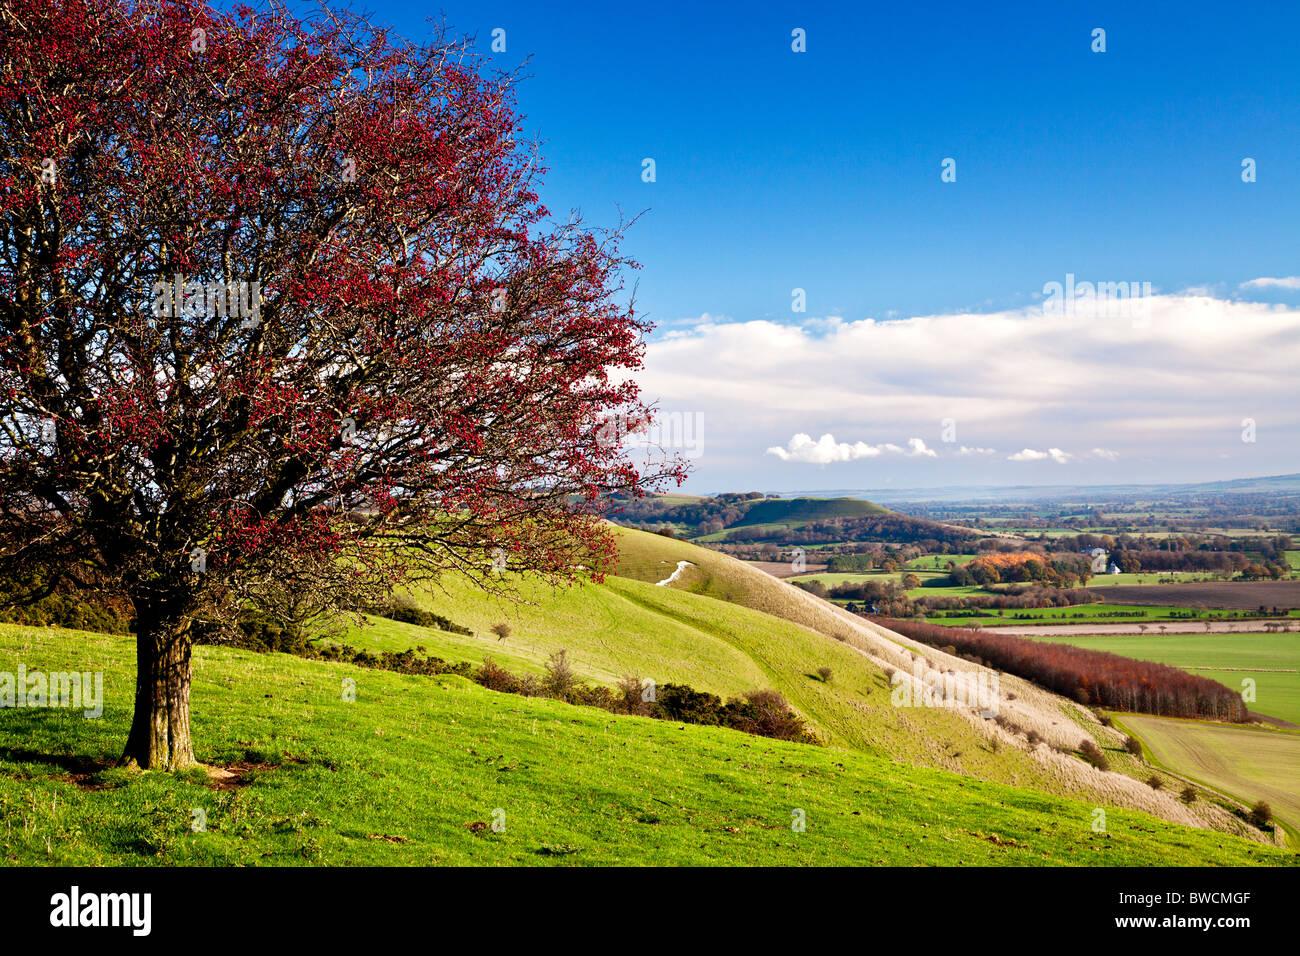 Hawthorn o árbol con bayas rojas en Knapp, colina que domina el valle de Pewsey, en Wiltshire, Inglaterra, Imagen De Stock